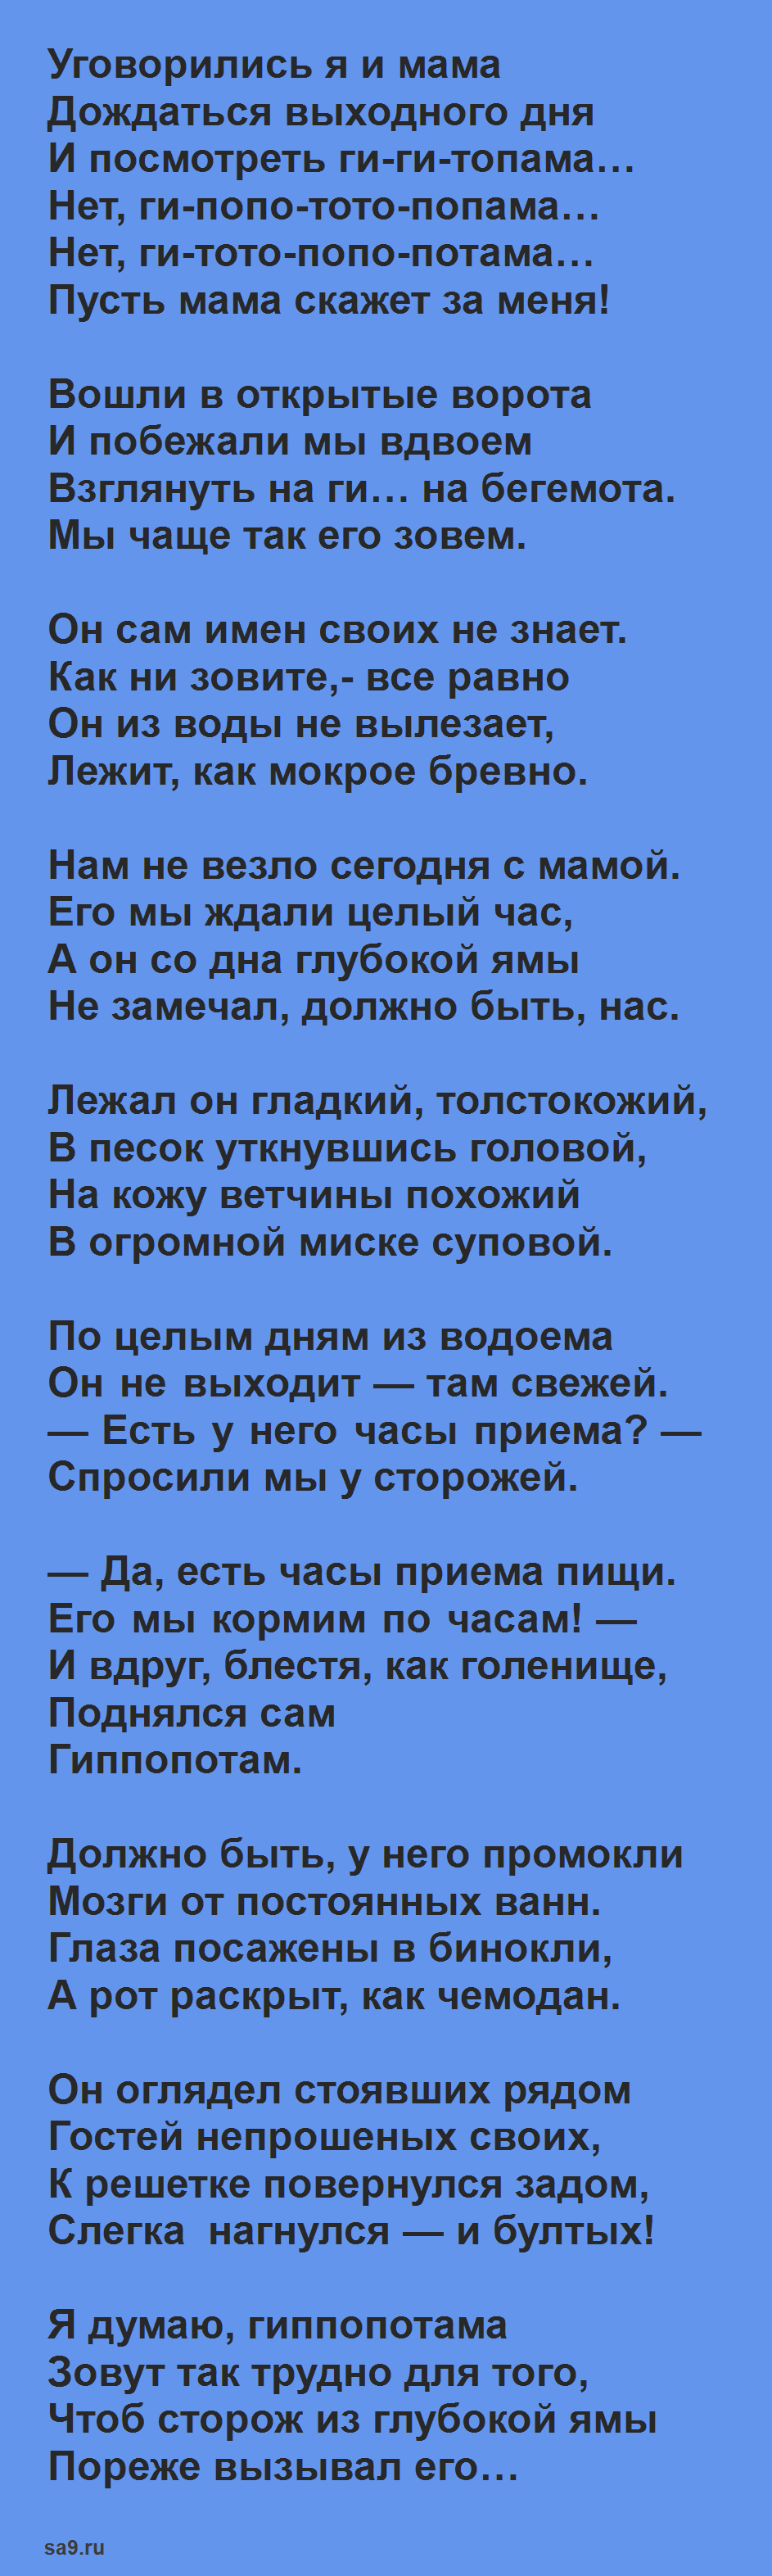 Маршак стих - Про гиппопотама